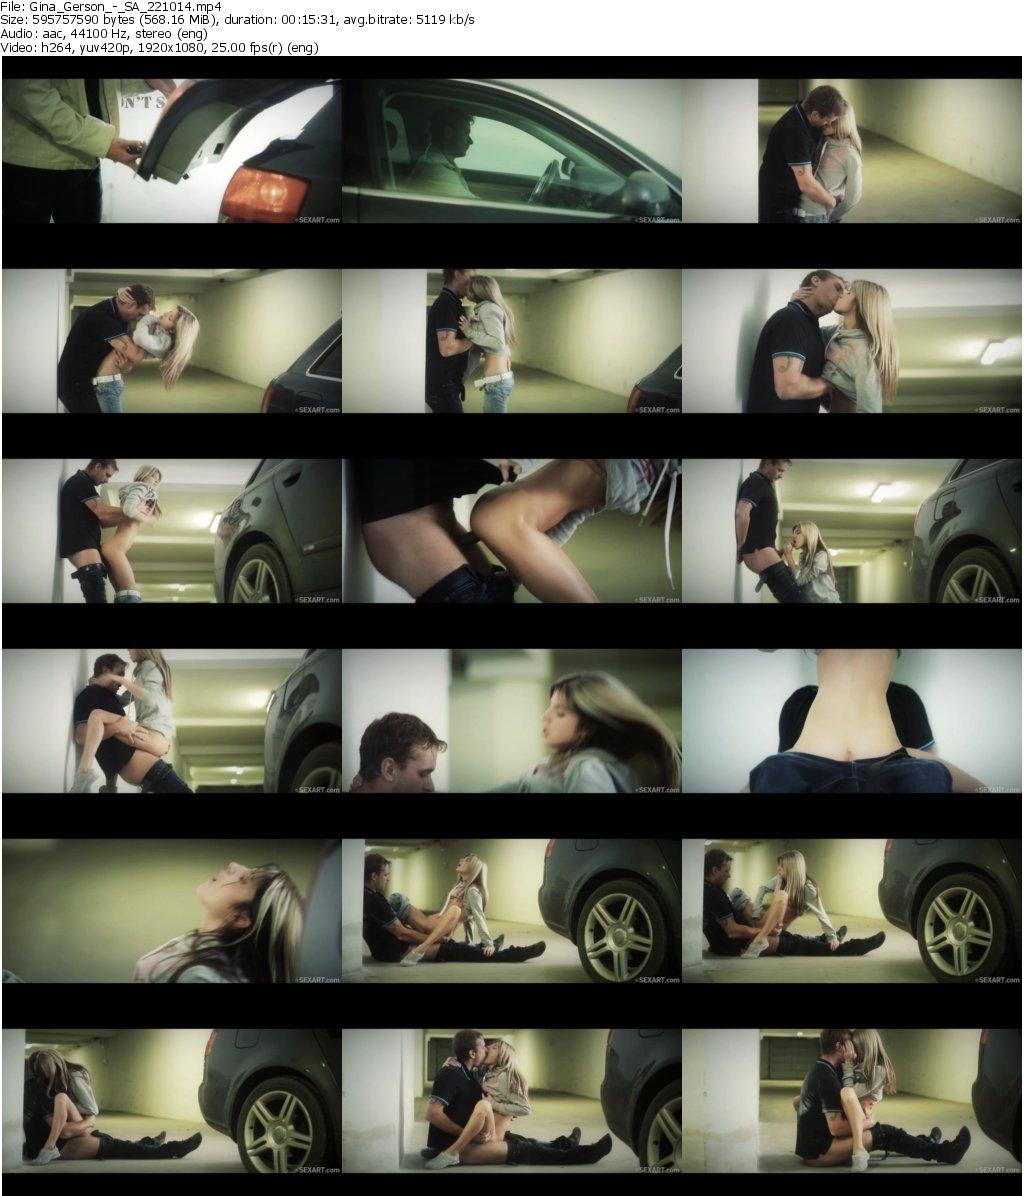 v-podzemnom-garazhe-porno